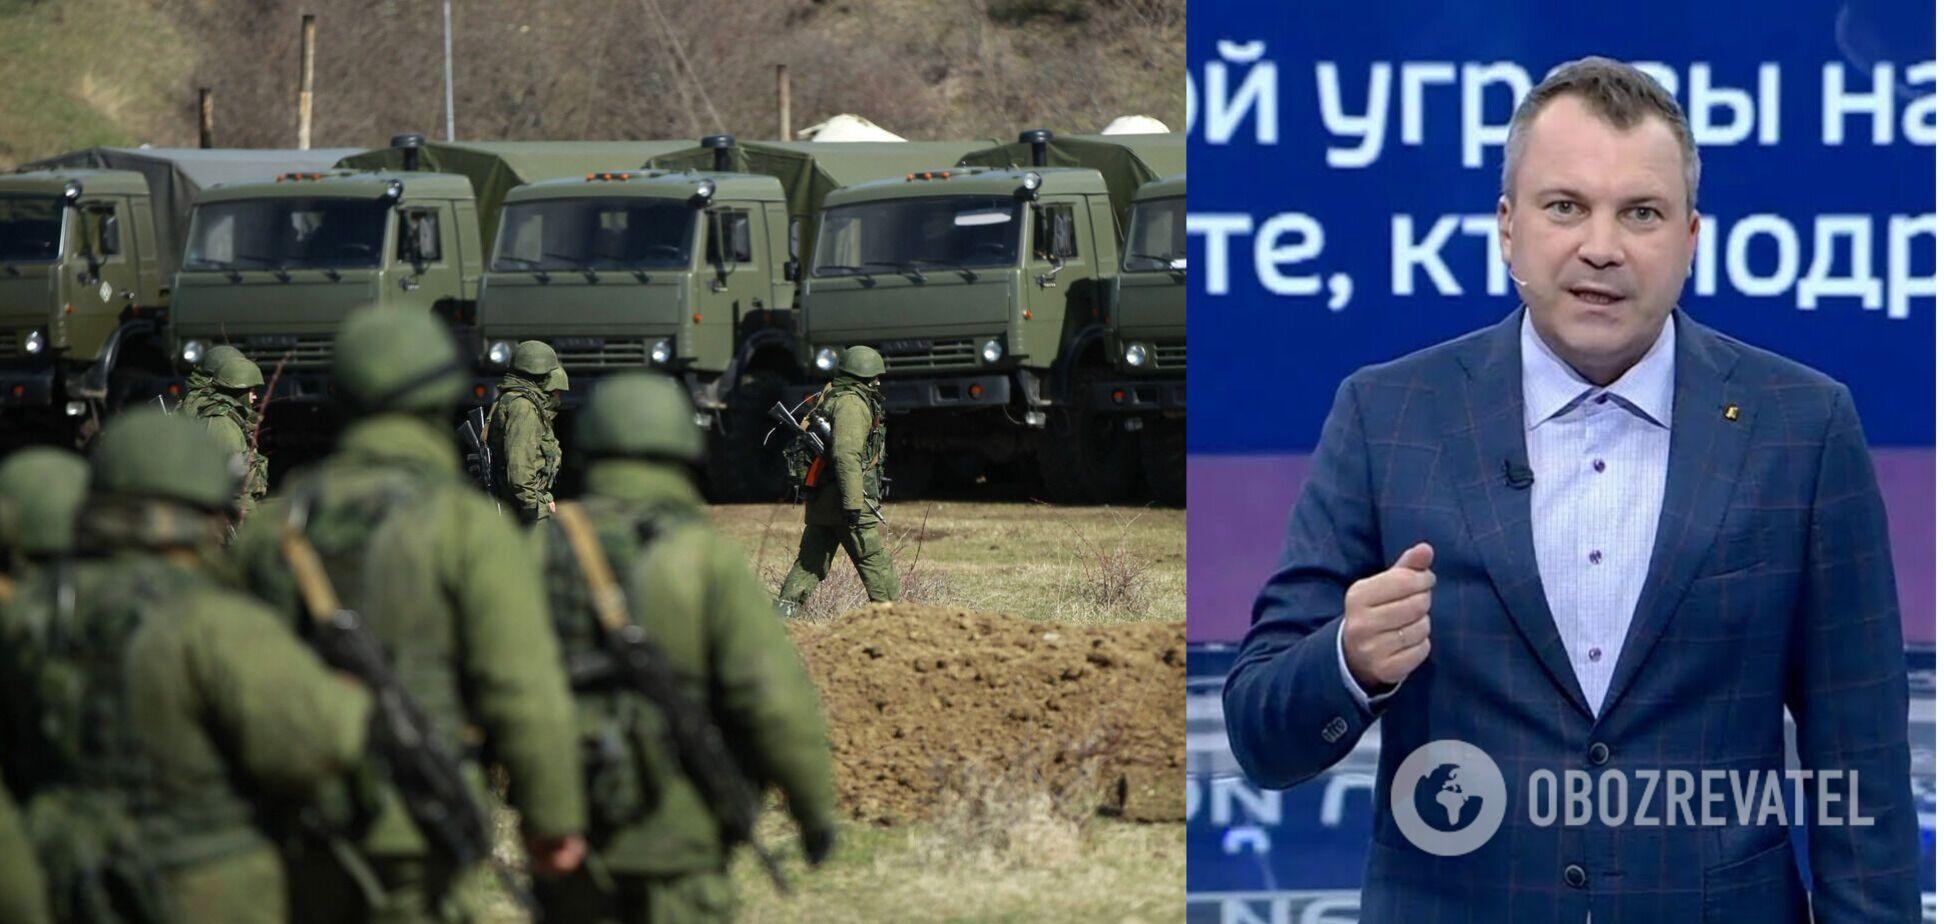 Російські пропагандисти обговорювали, як 'надавати по щах' Україні за 'вторгнення на Донбас'. Відео